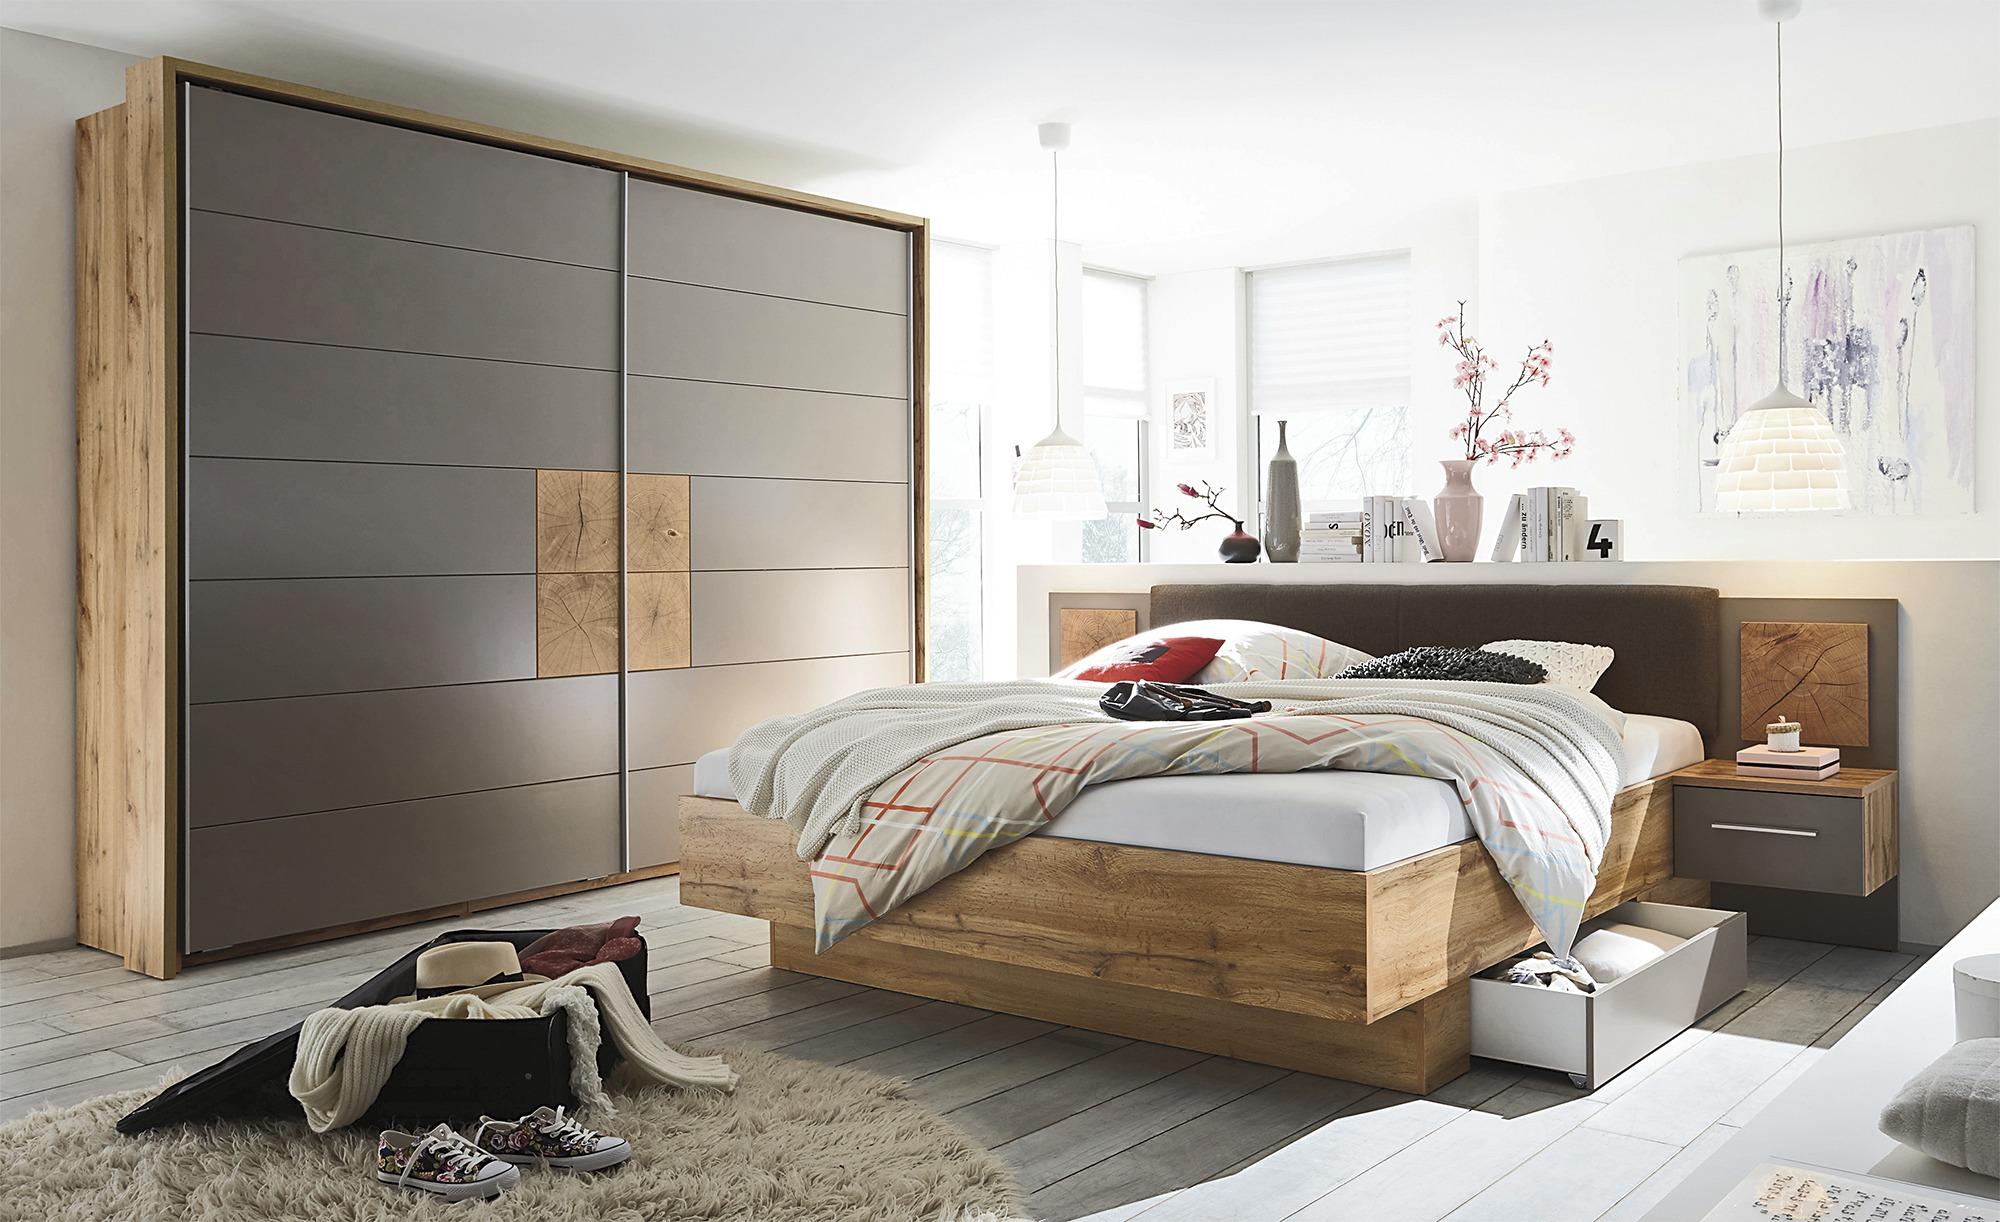 uno Schlafzimmer 4-teilig, mit Bettkasten Campus ¦ holzfarben ¦ Maße (cm): B: 270 H: 225 T: 61 Komplett-Schlafzimmer - Höffner